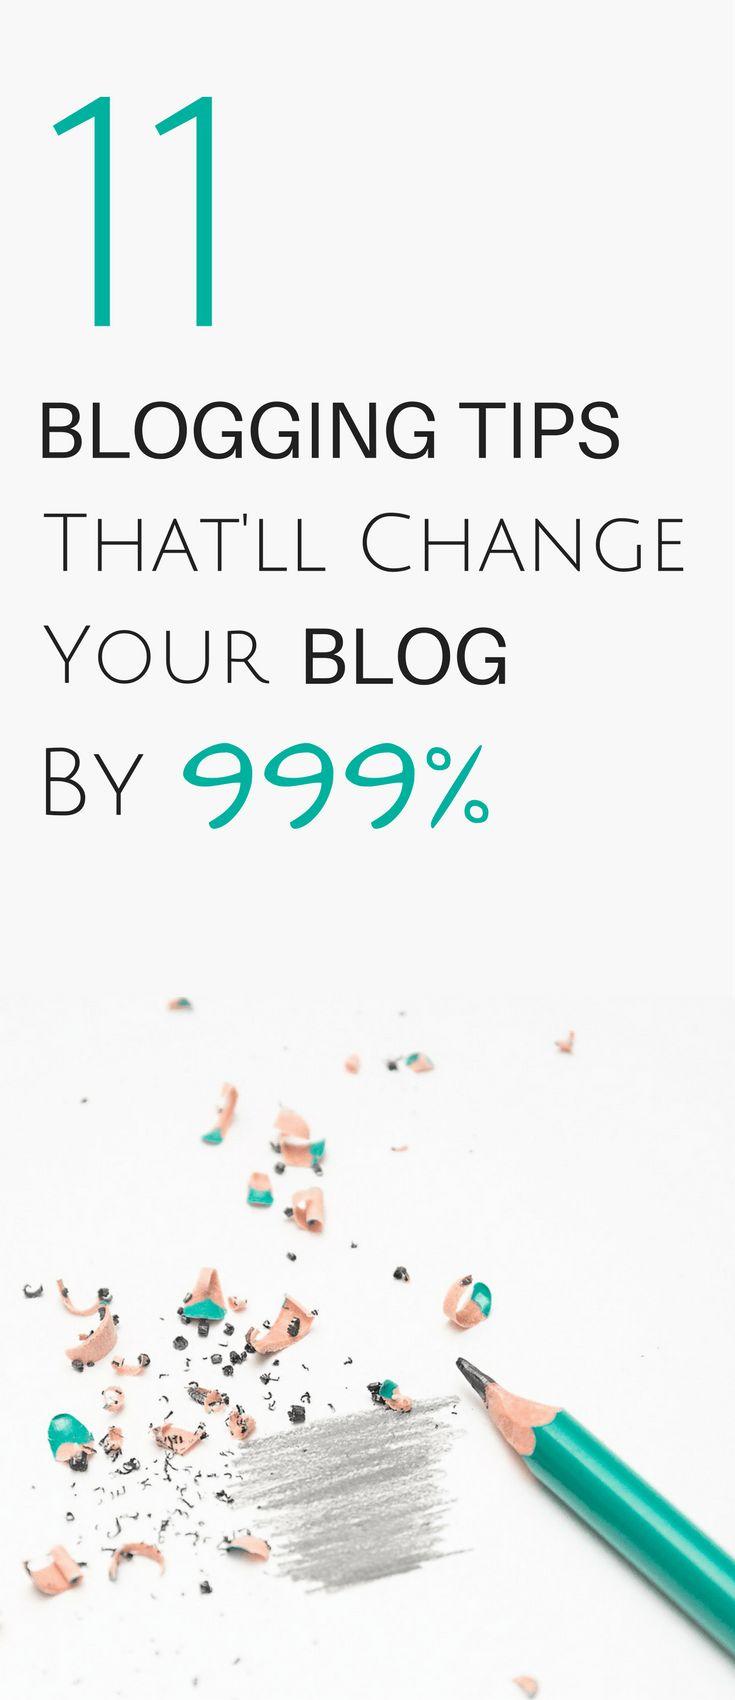 38 best Blog images on Pinterest | Online business, Blogging and ...